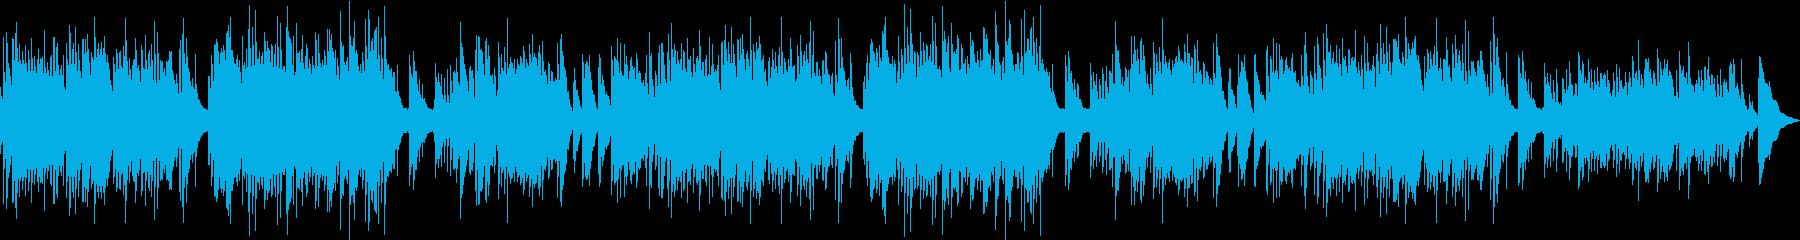 ACギター/晩夏の夕暮れ/ひぐらしOFFの再生済みの波形